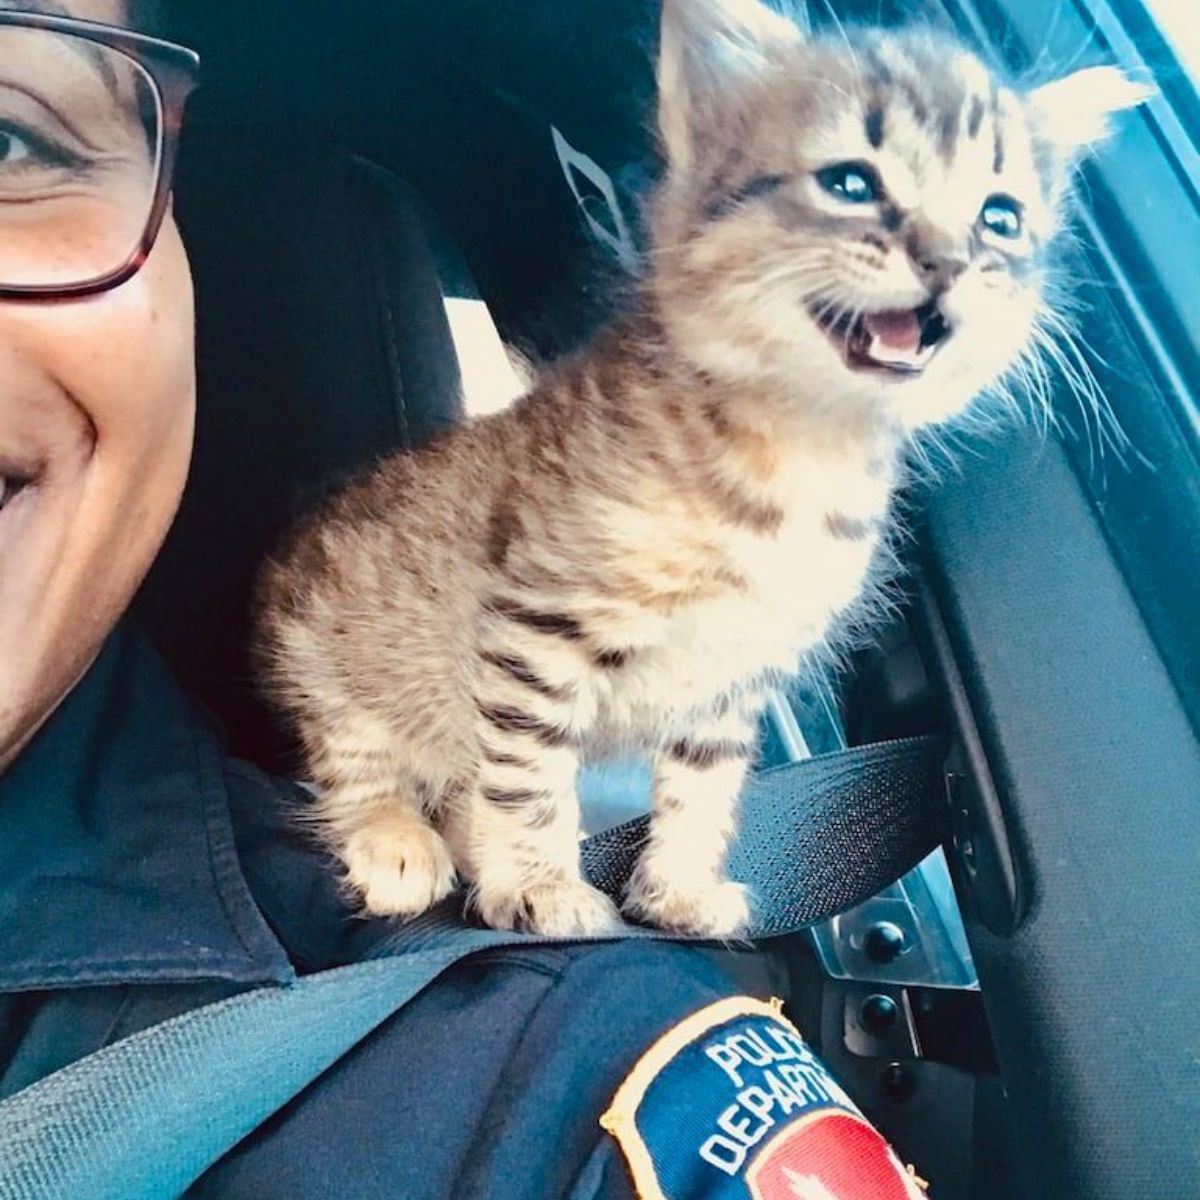 Policiais resgatam uma gatinha e a promovem a agente